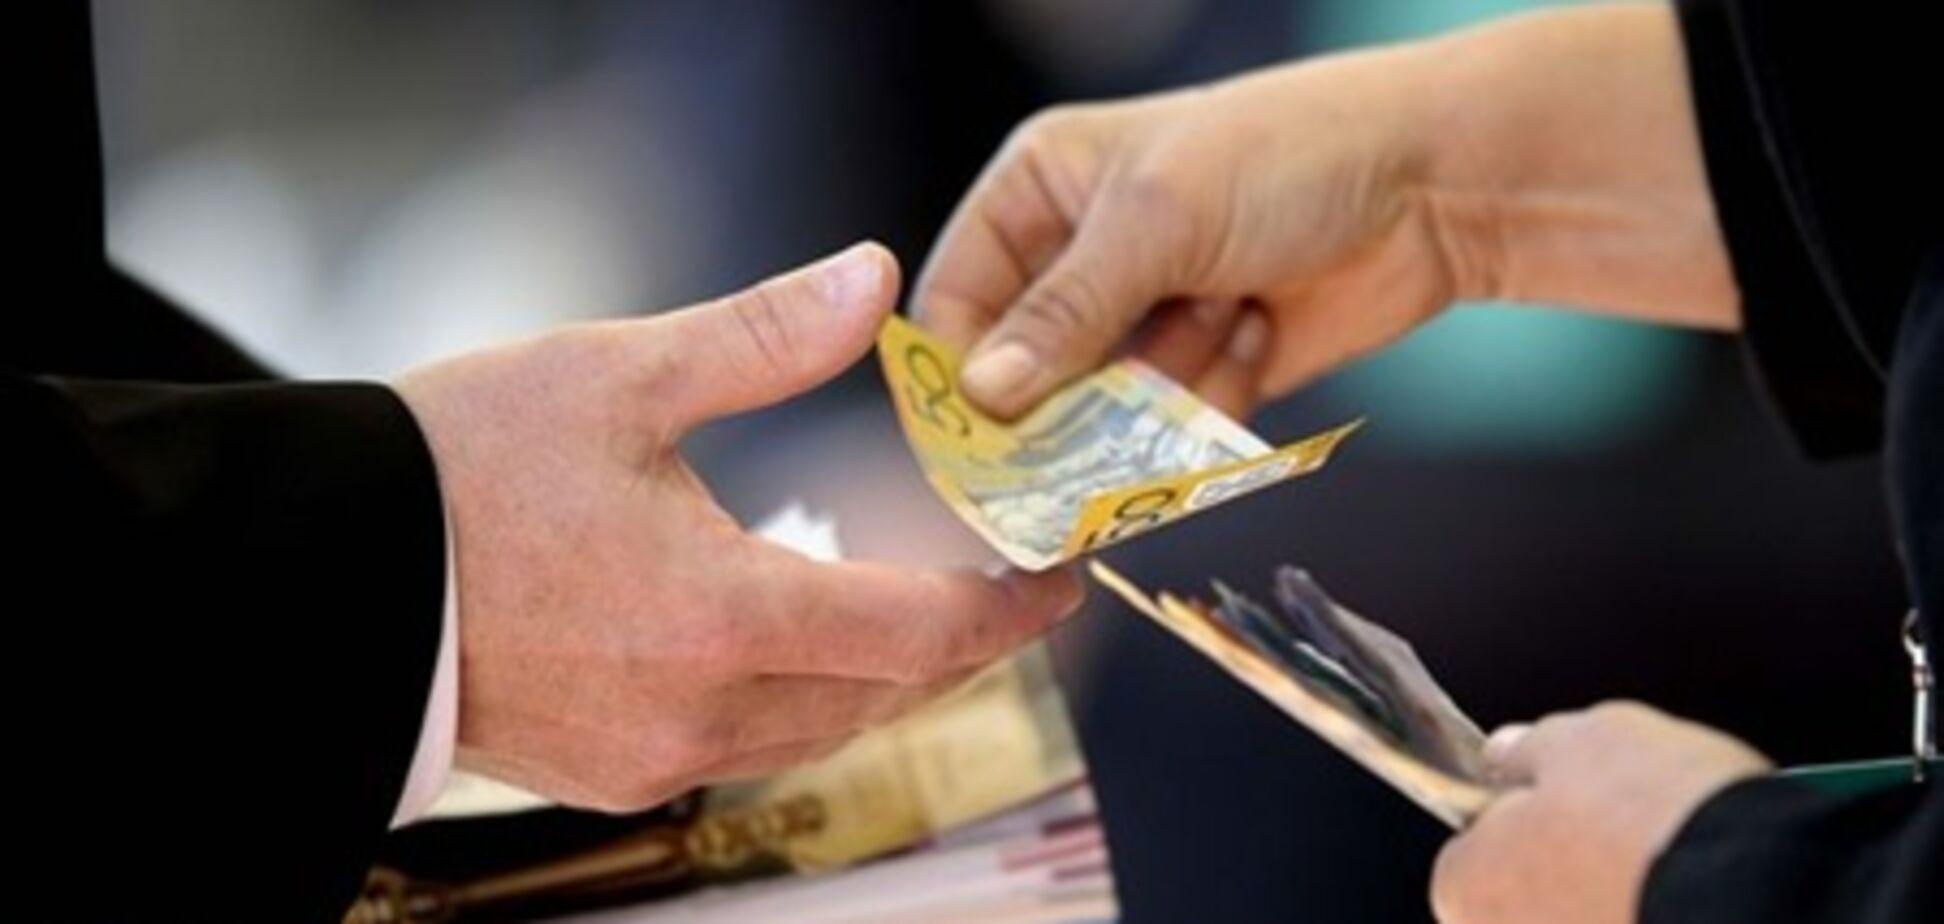 На Запоріжжі затримали депутата на хабарі в 100 тис. гривень